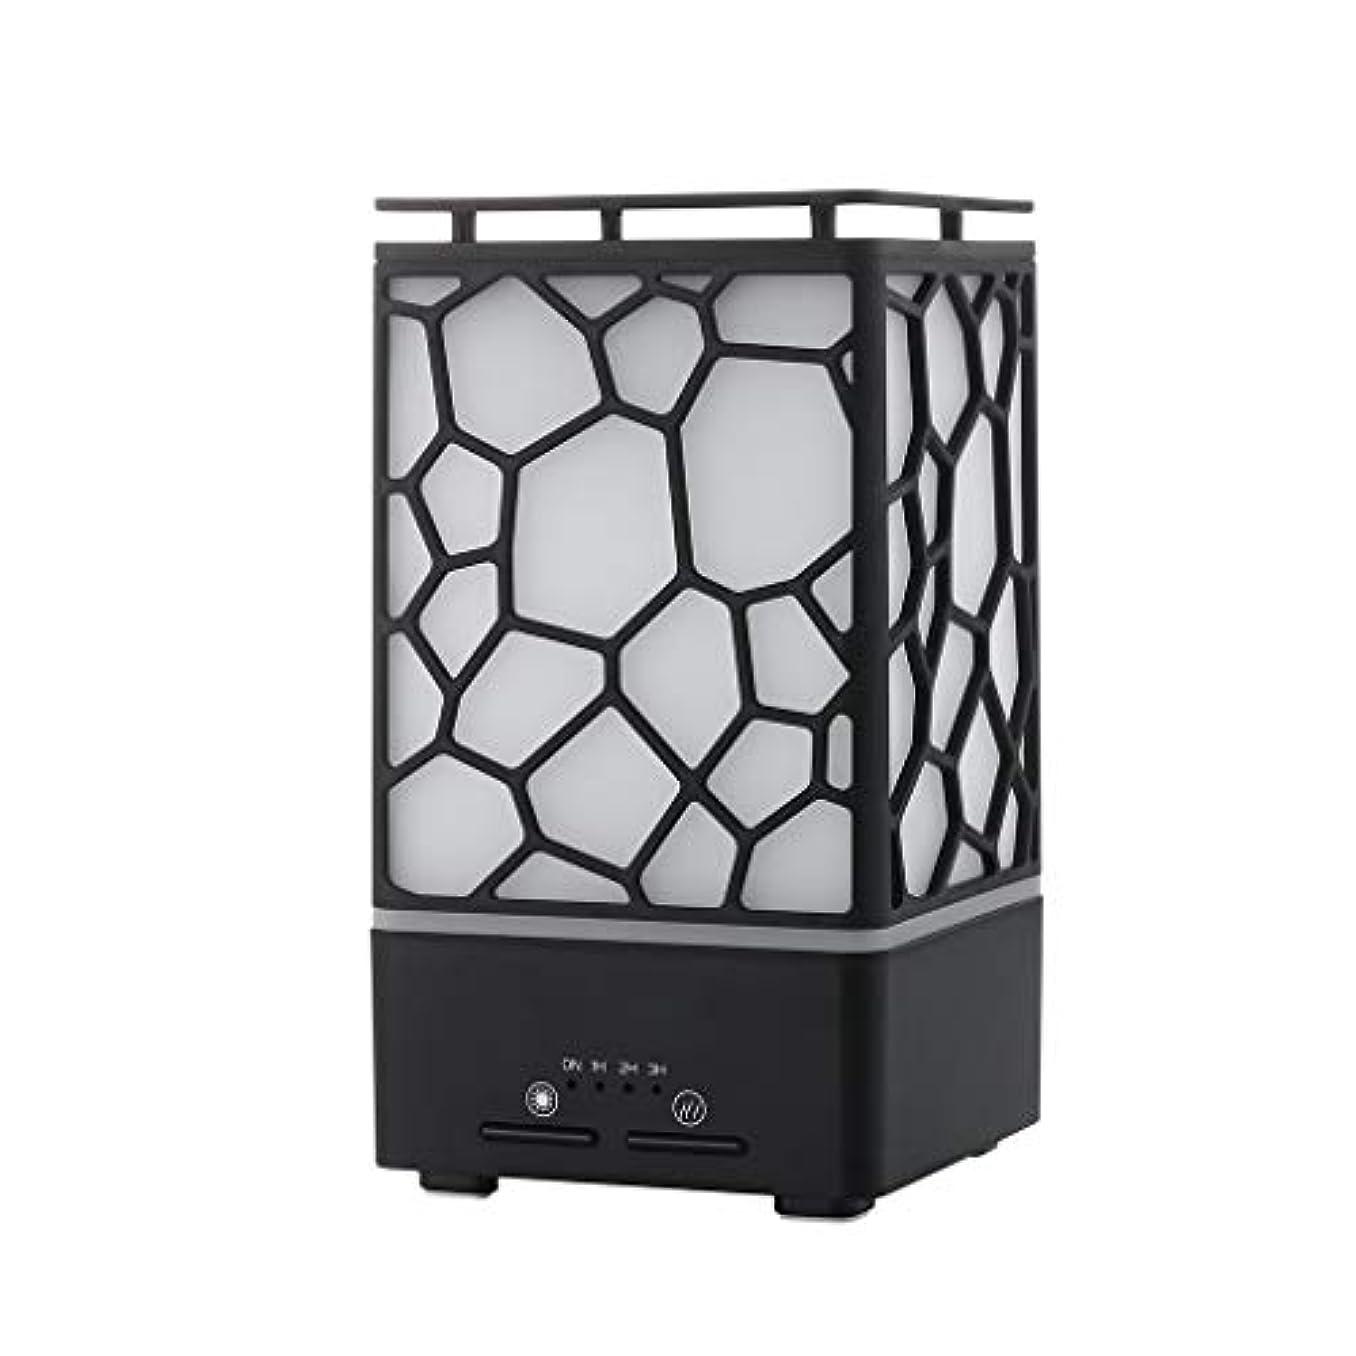 スポンジ取得するポークウォーターキューブ加湿器、空気清浄機ホーム超音波ランプledナイトライトミュート寝室デスクトップヨガusb、ヨガ、家族、黒 (Color : Black)